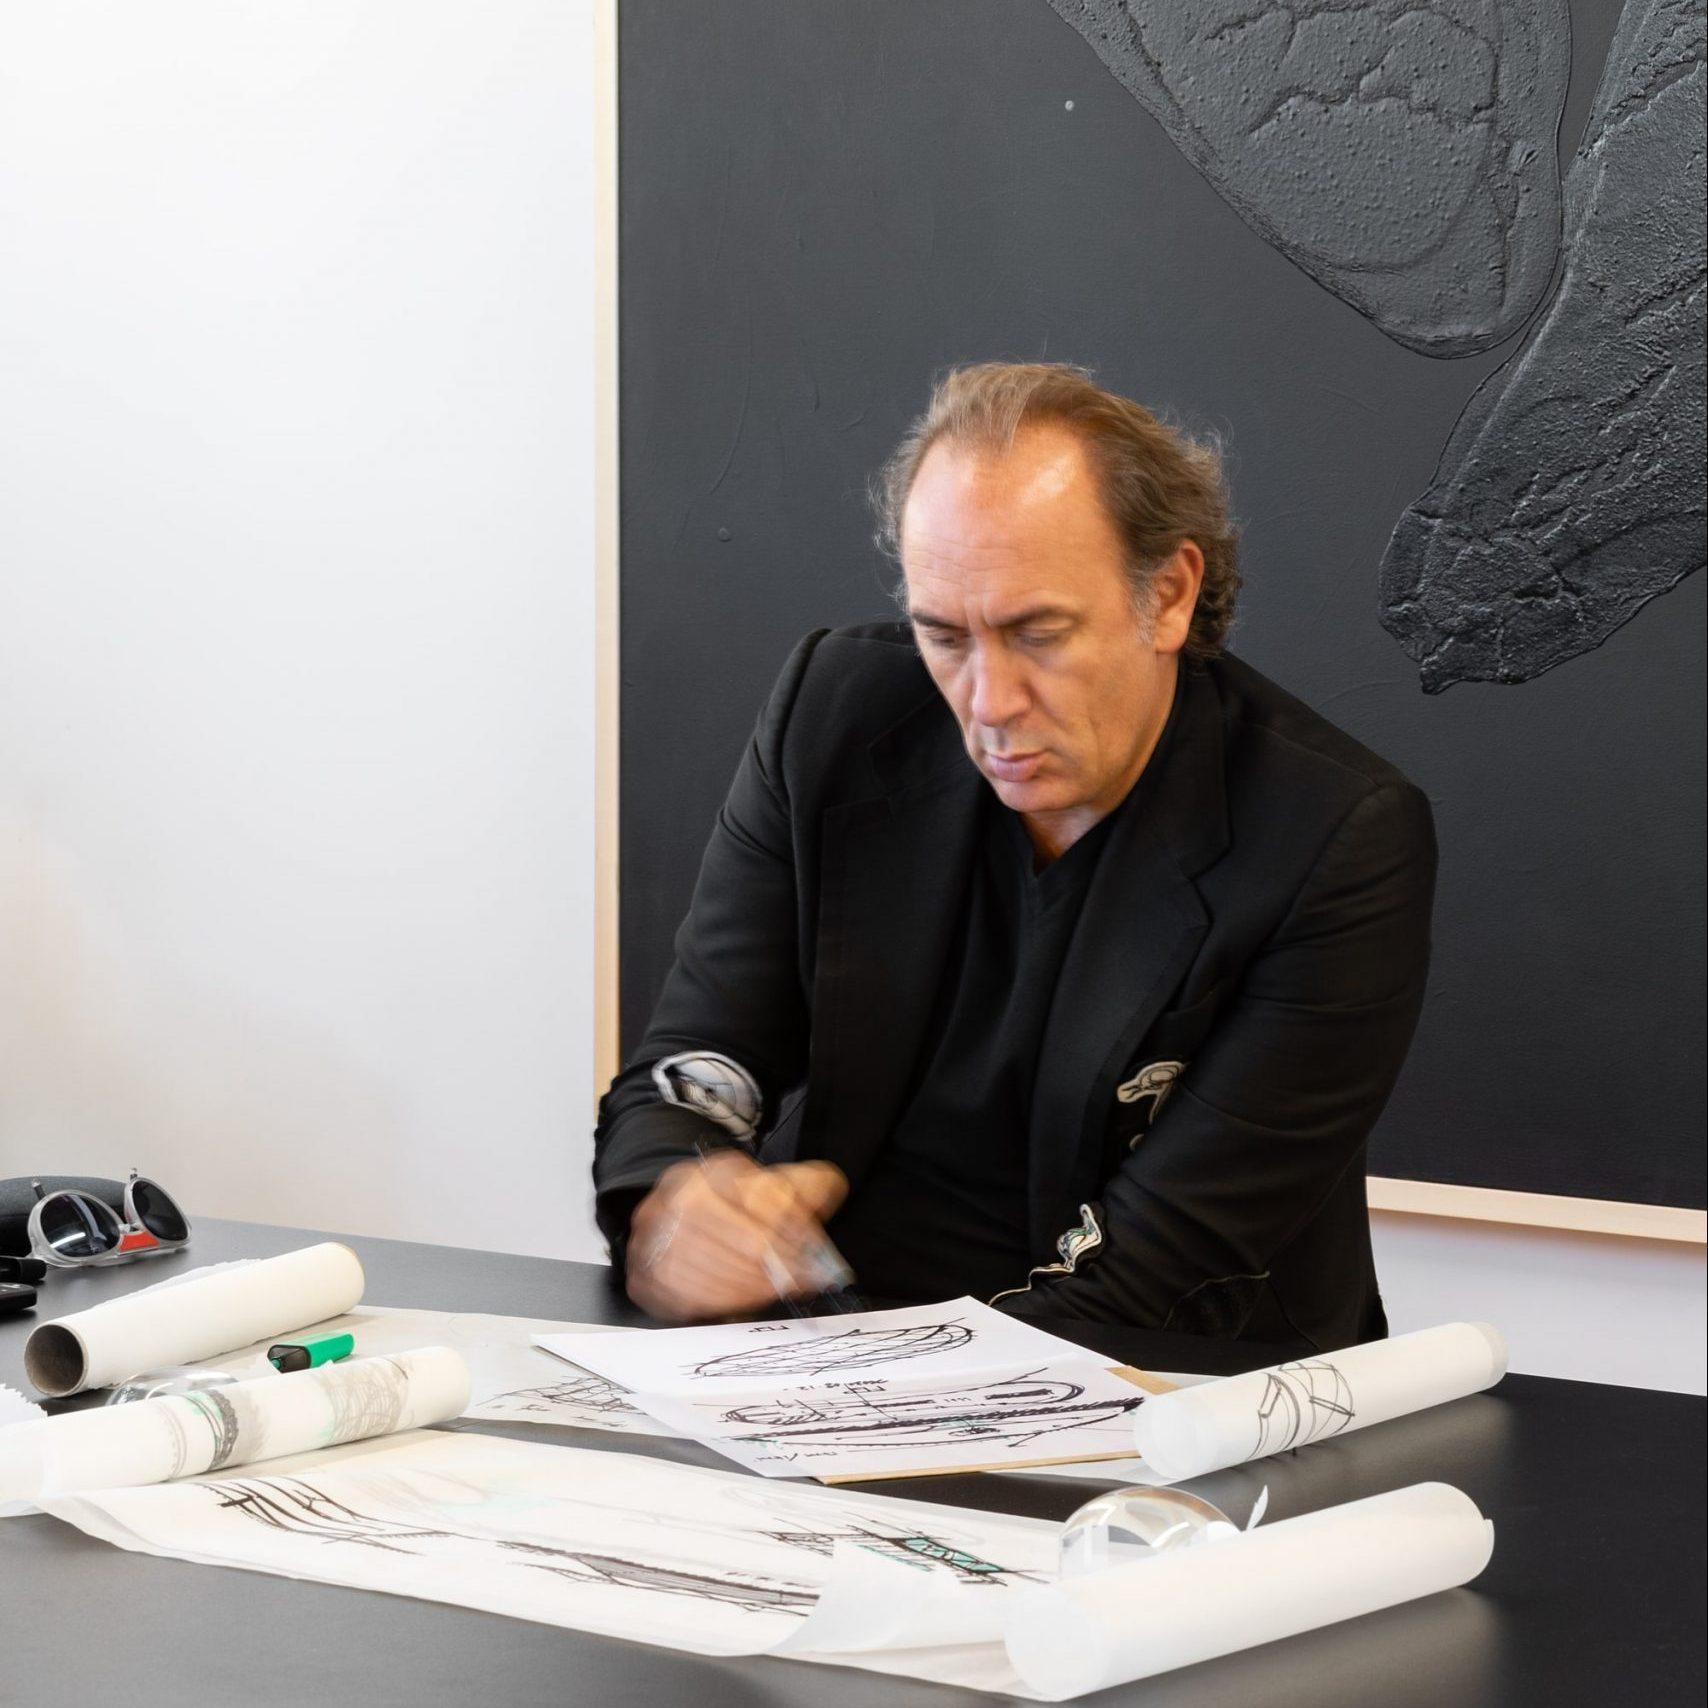 Celebran trayectoria del arquitecto Francisco González Pulido con exposición